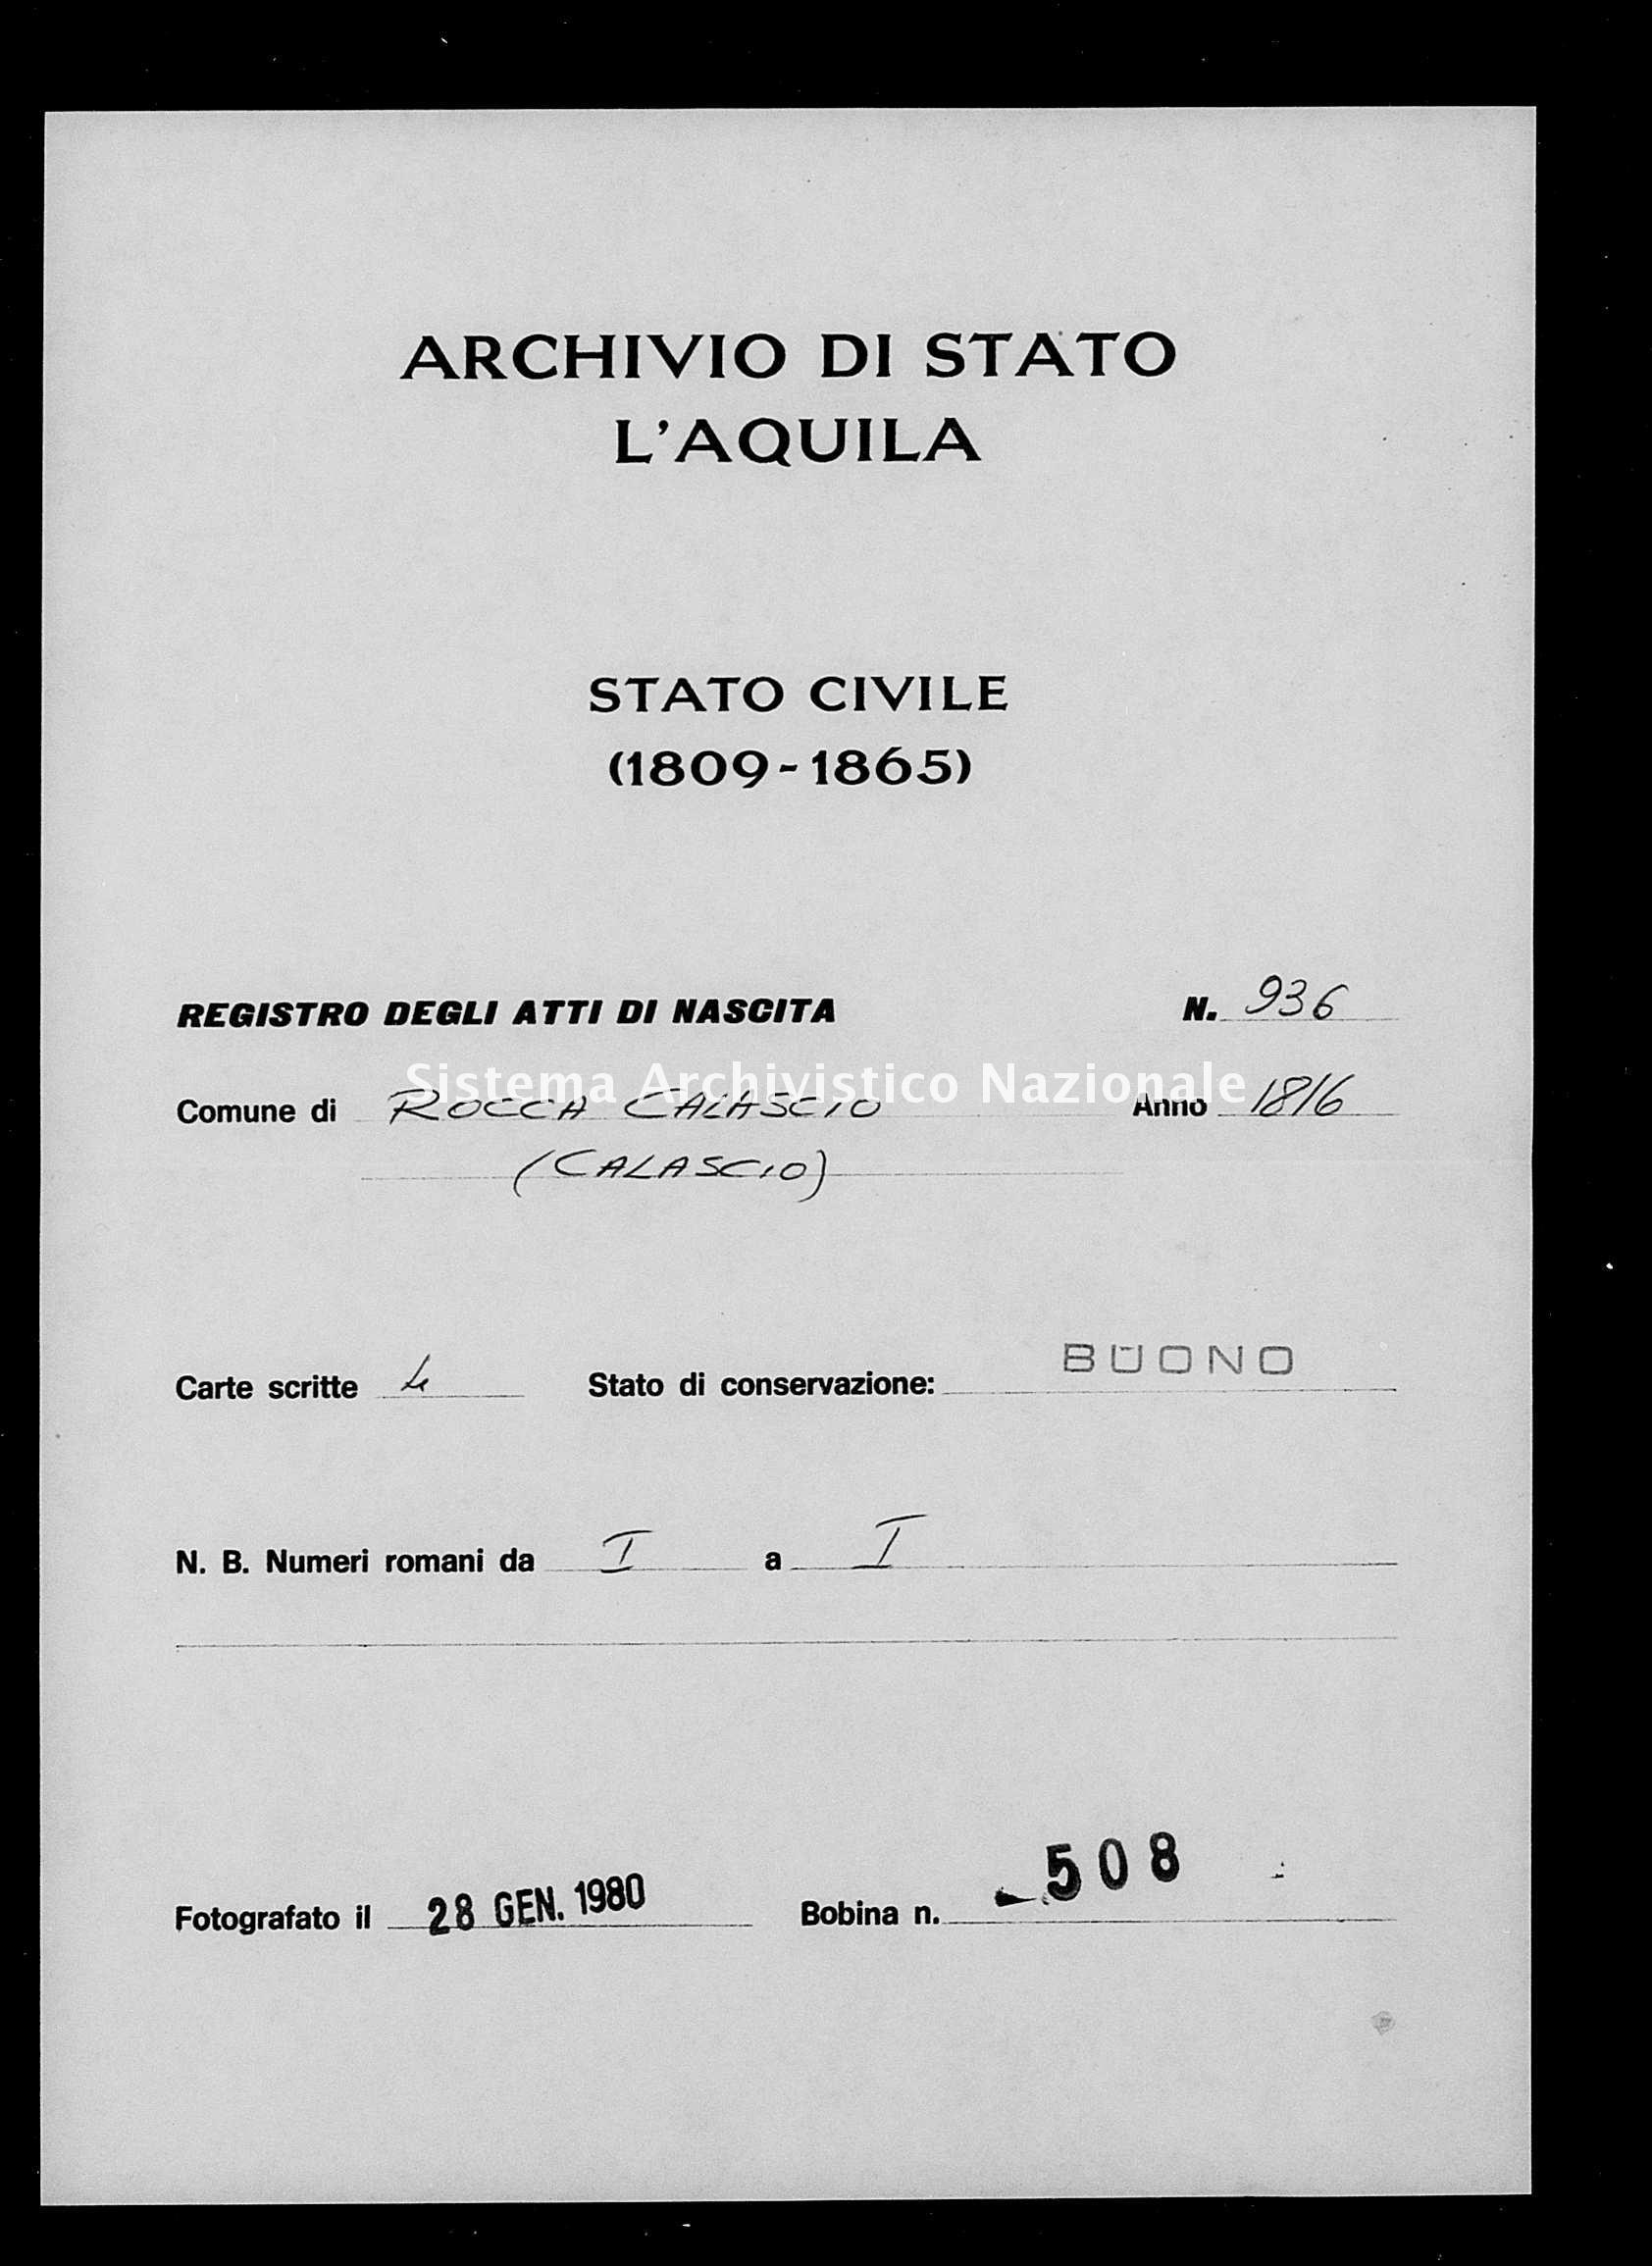 Archivio di stato di L'aquila - Stato civile della restaurazione - Rocca Calascio - Nati - 1816 - 936 -